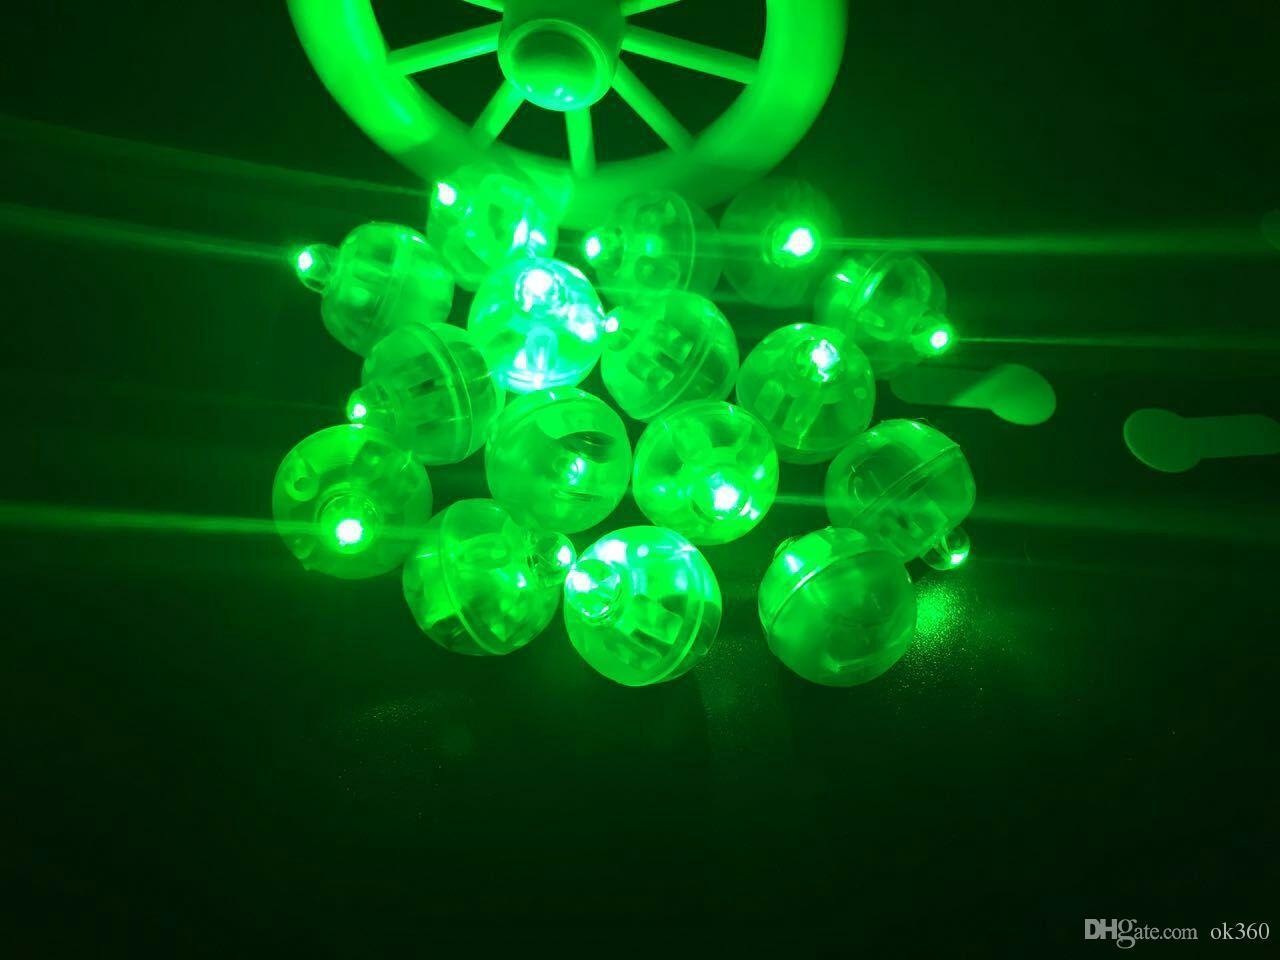 Il pallone principale RGB rotondo variopinto delle lampade della palla delle luci della palla accende le luci di lanterna sommergibili la decorazione della festa nuziale di Natale della lanterna